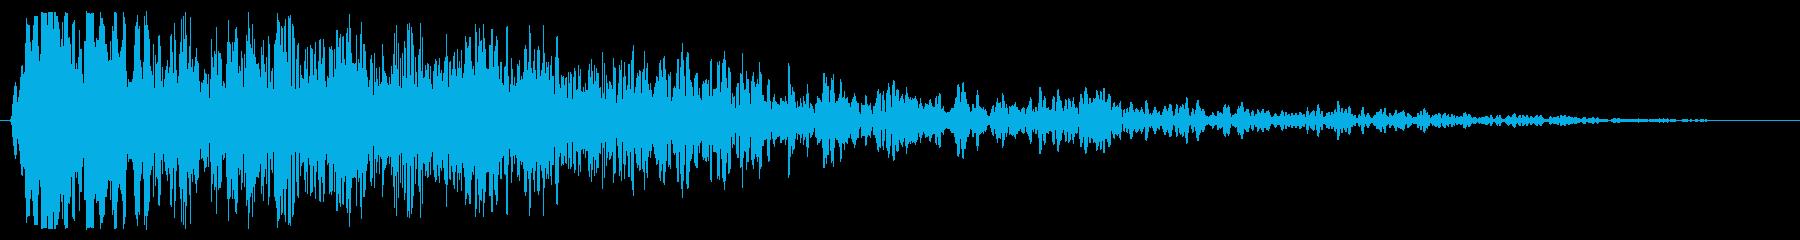 ビシューン(通過の音)の再生済みの波形